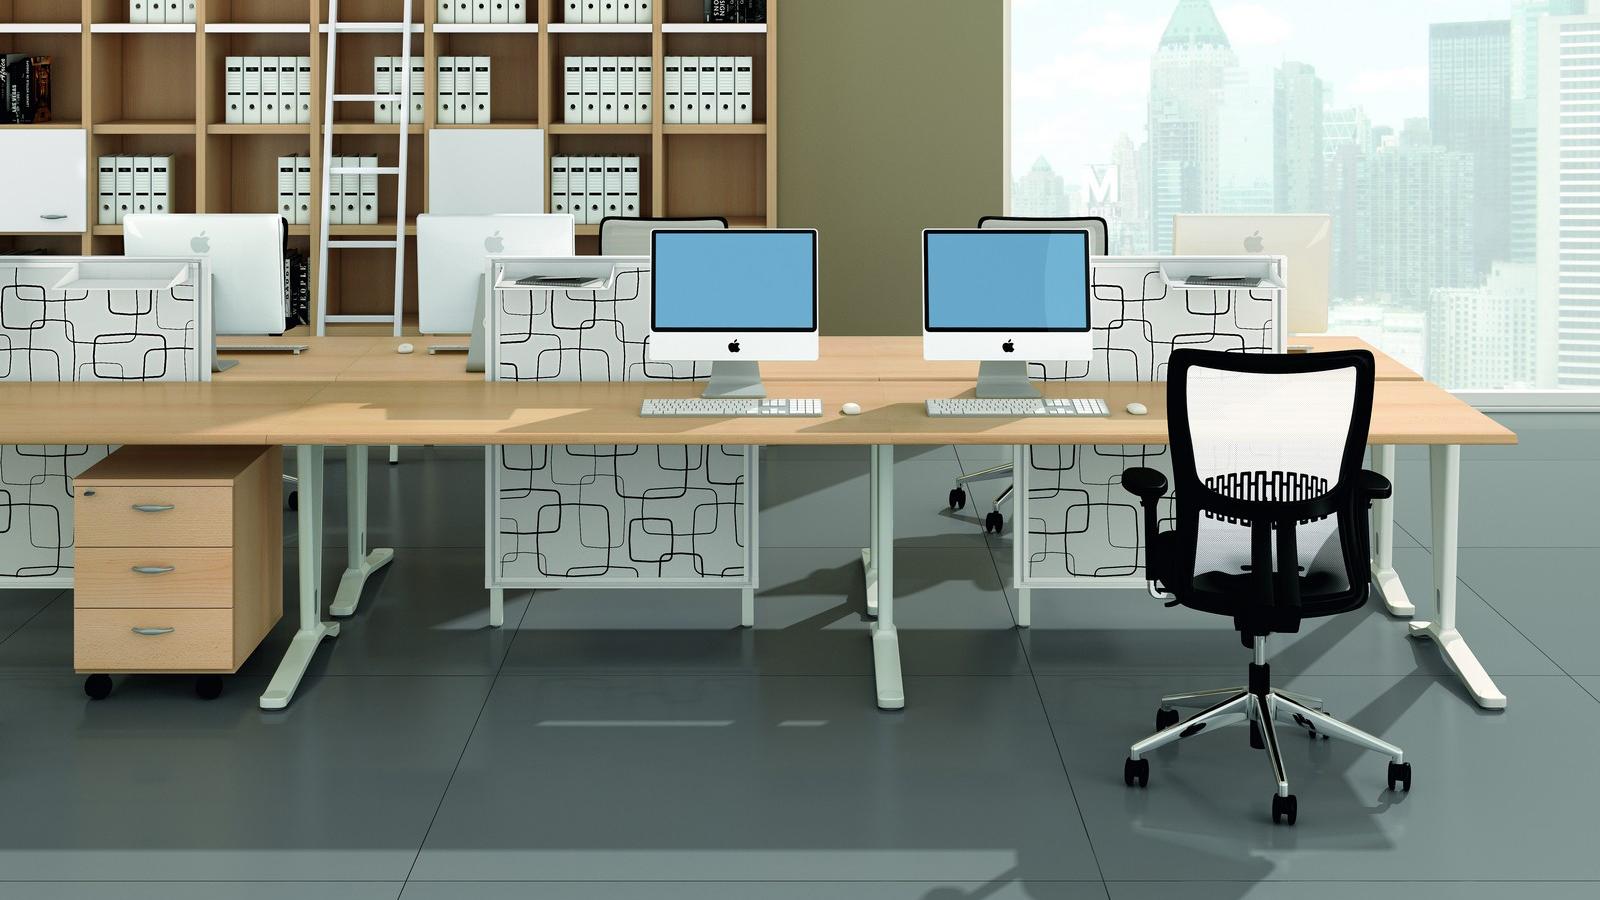 Mega Desk - Office Desks - Contemporary Desks - Bench Desks